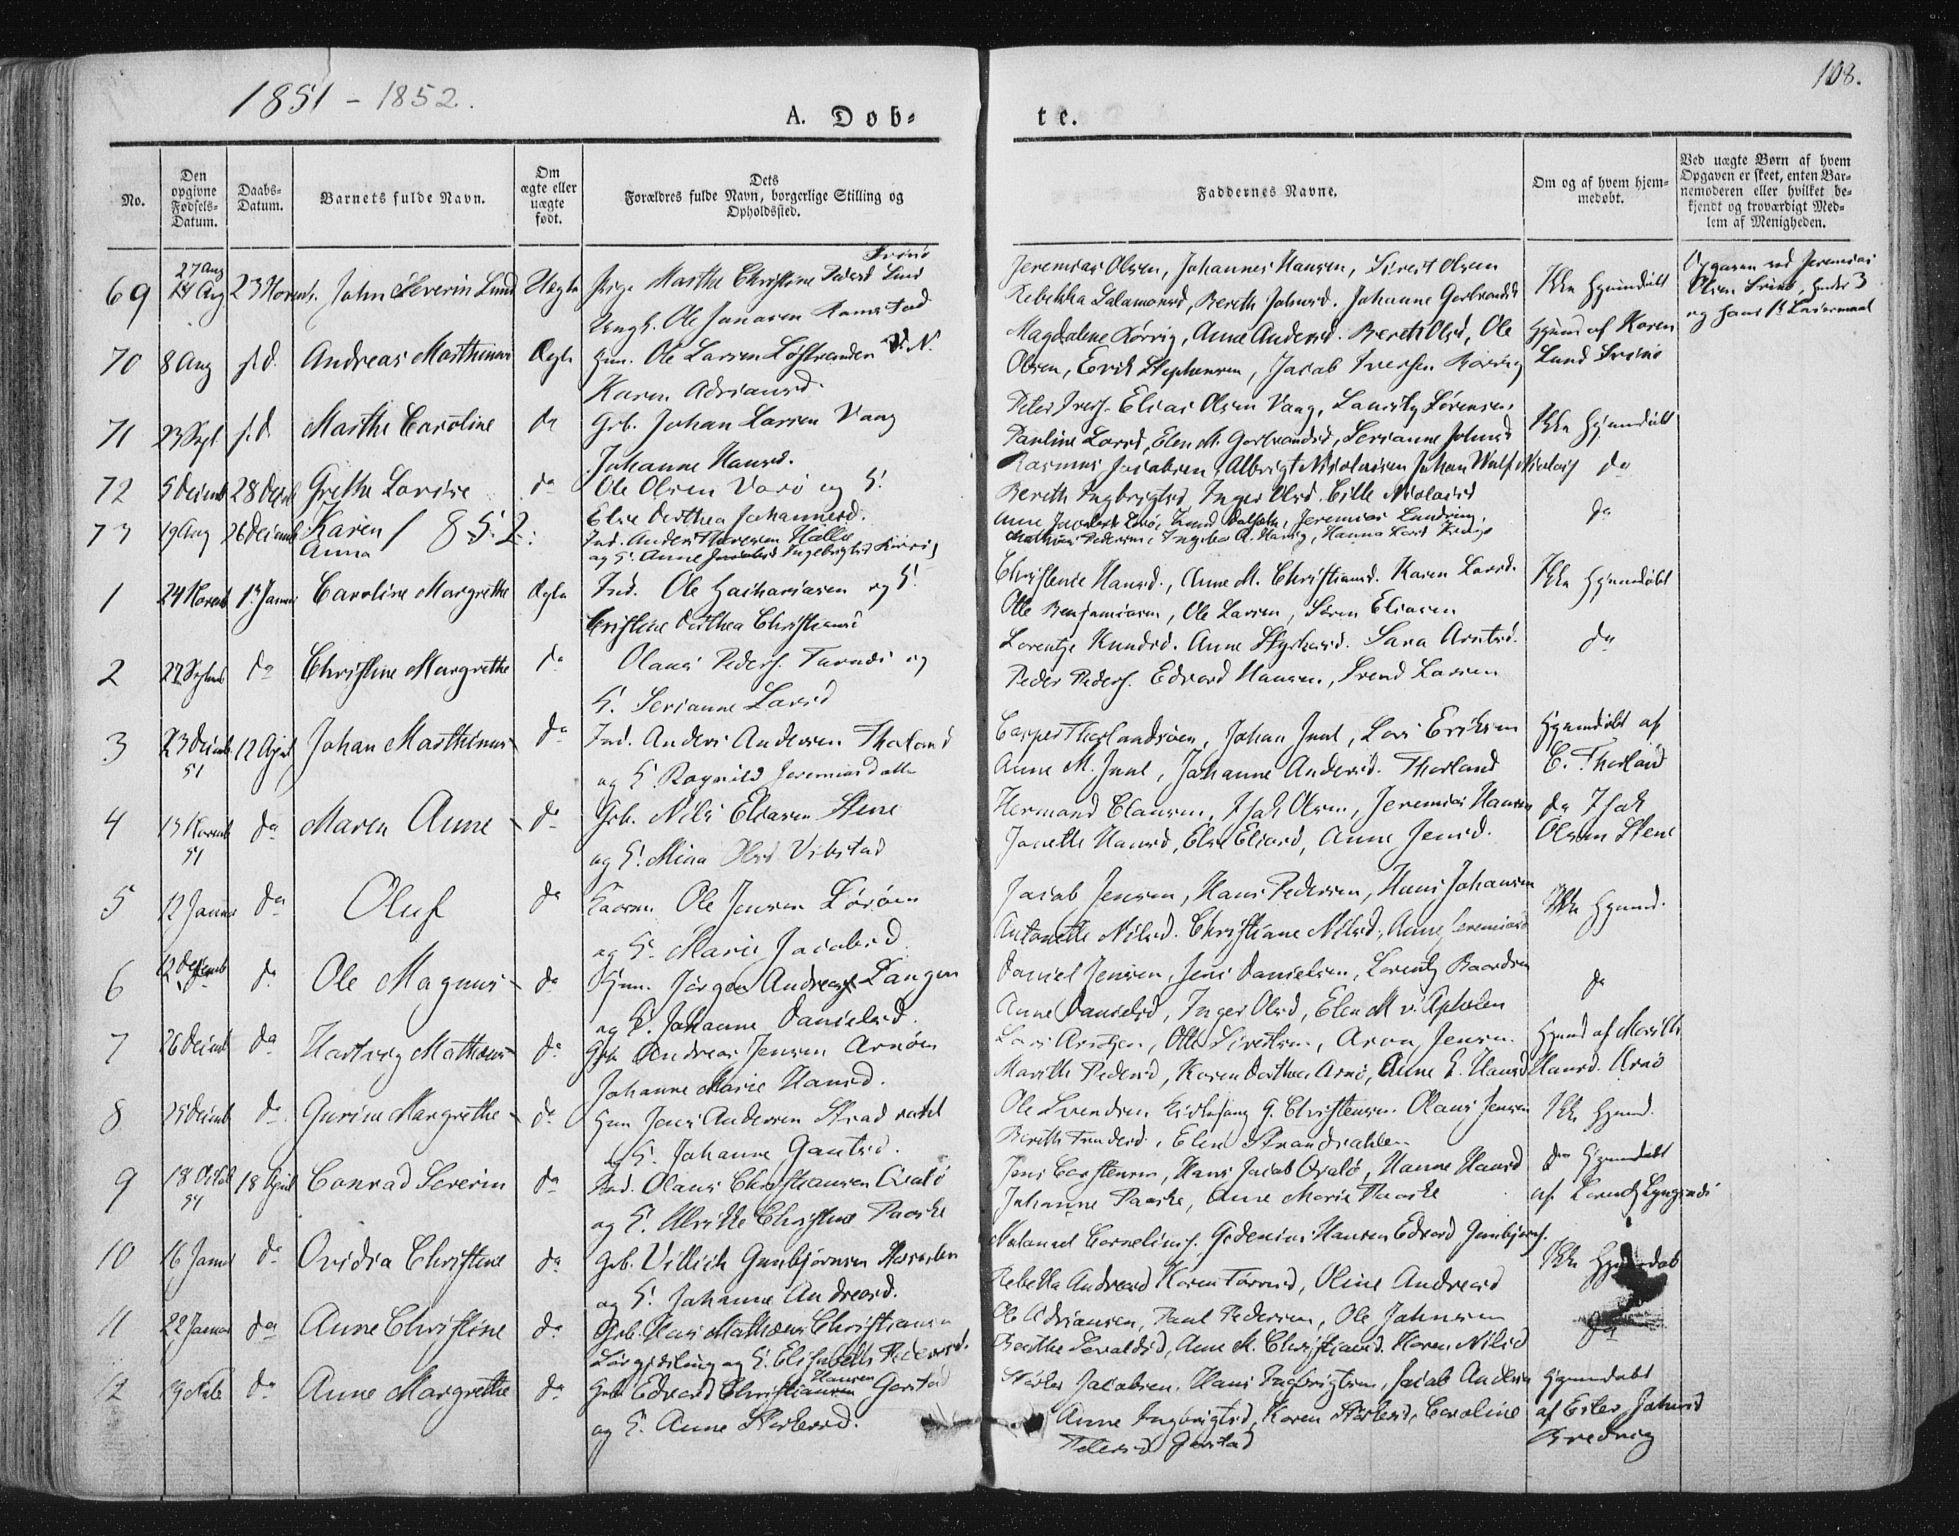 SAT, Ministerialprotokoller, klokkerbøker og fødselsregistre - Nord-Trøndelag, 784/L0669: Ministerialbok nr. 784A04, 1829-1859, s. 108